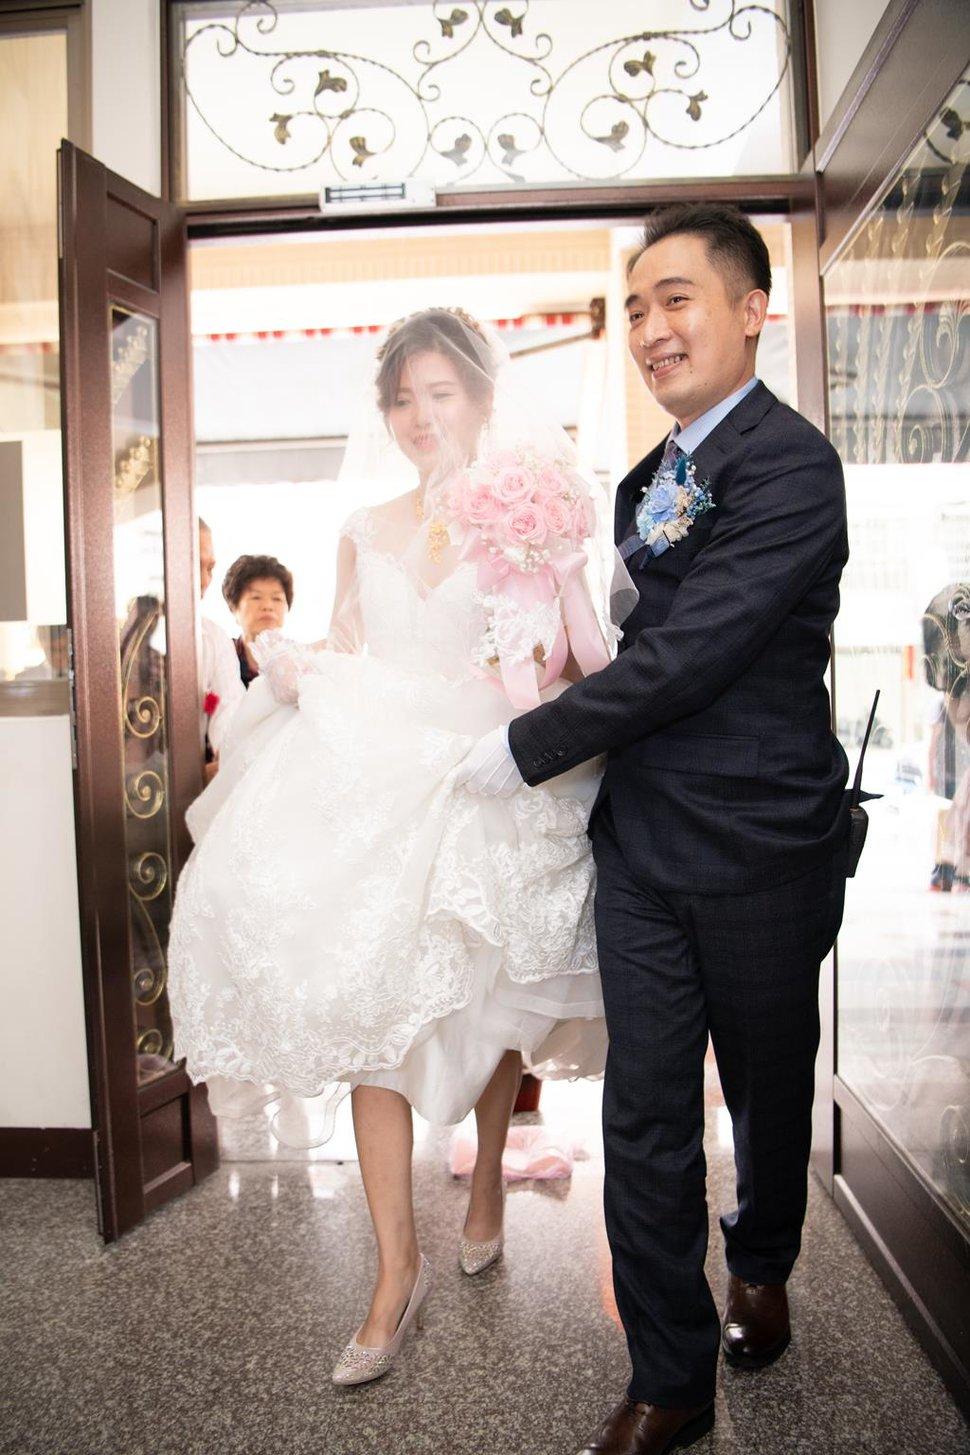 書孟&逸琳婚禮紀實-2-33 - Mr. Happiness 幸福先生《結婚吧》